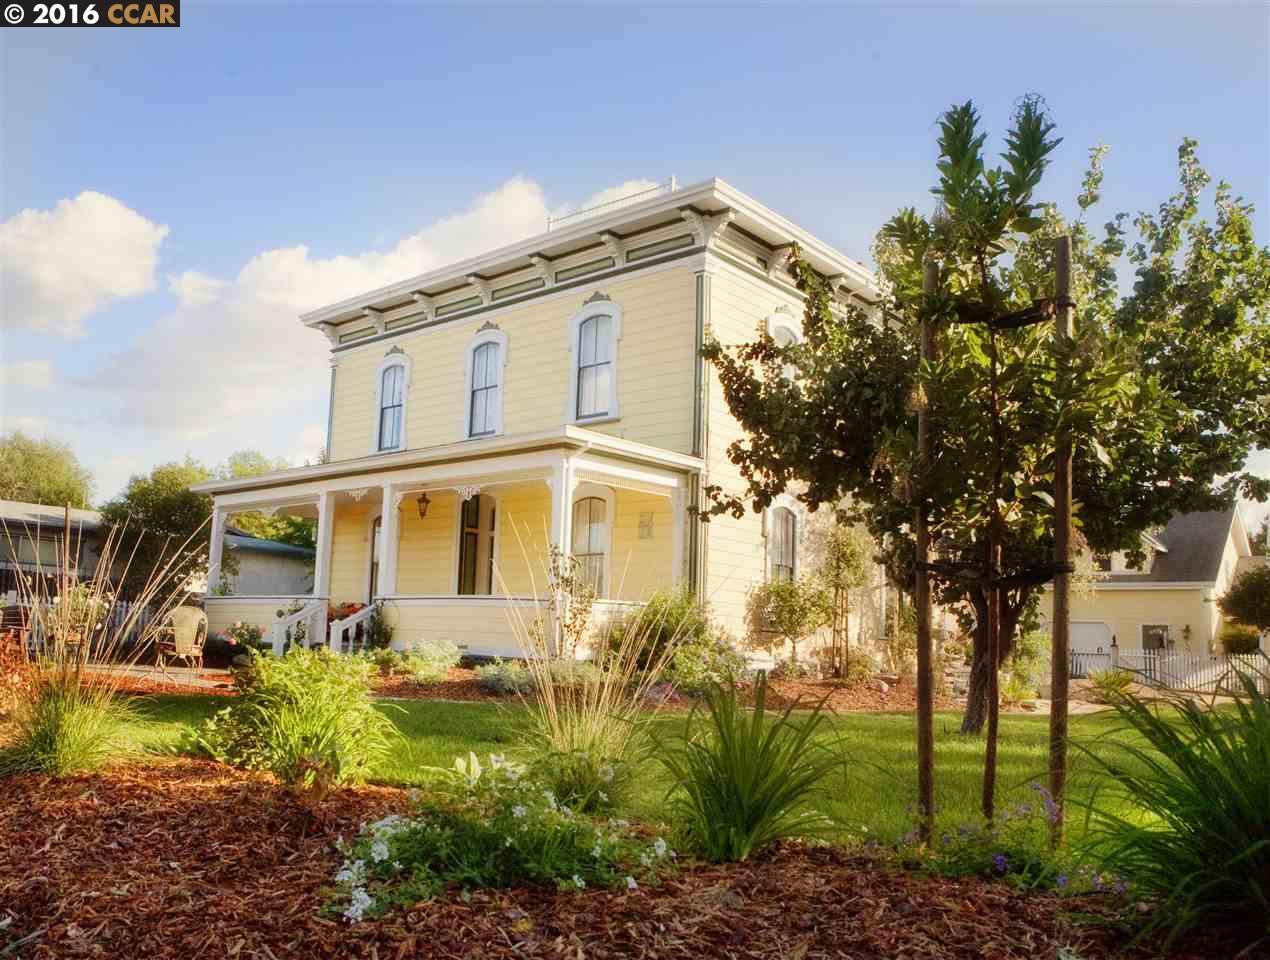 二世帯住宅 のために 売買 アット 3057 East Avenue 3057 East Avenue Livermore, カリフォルニア 94550 アメリカ合衆国